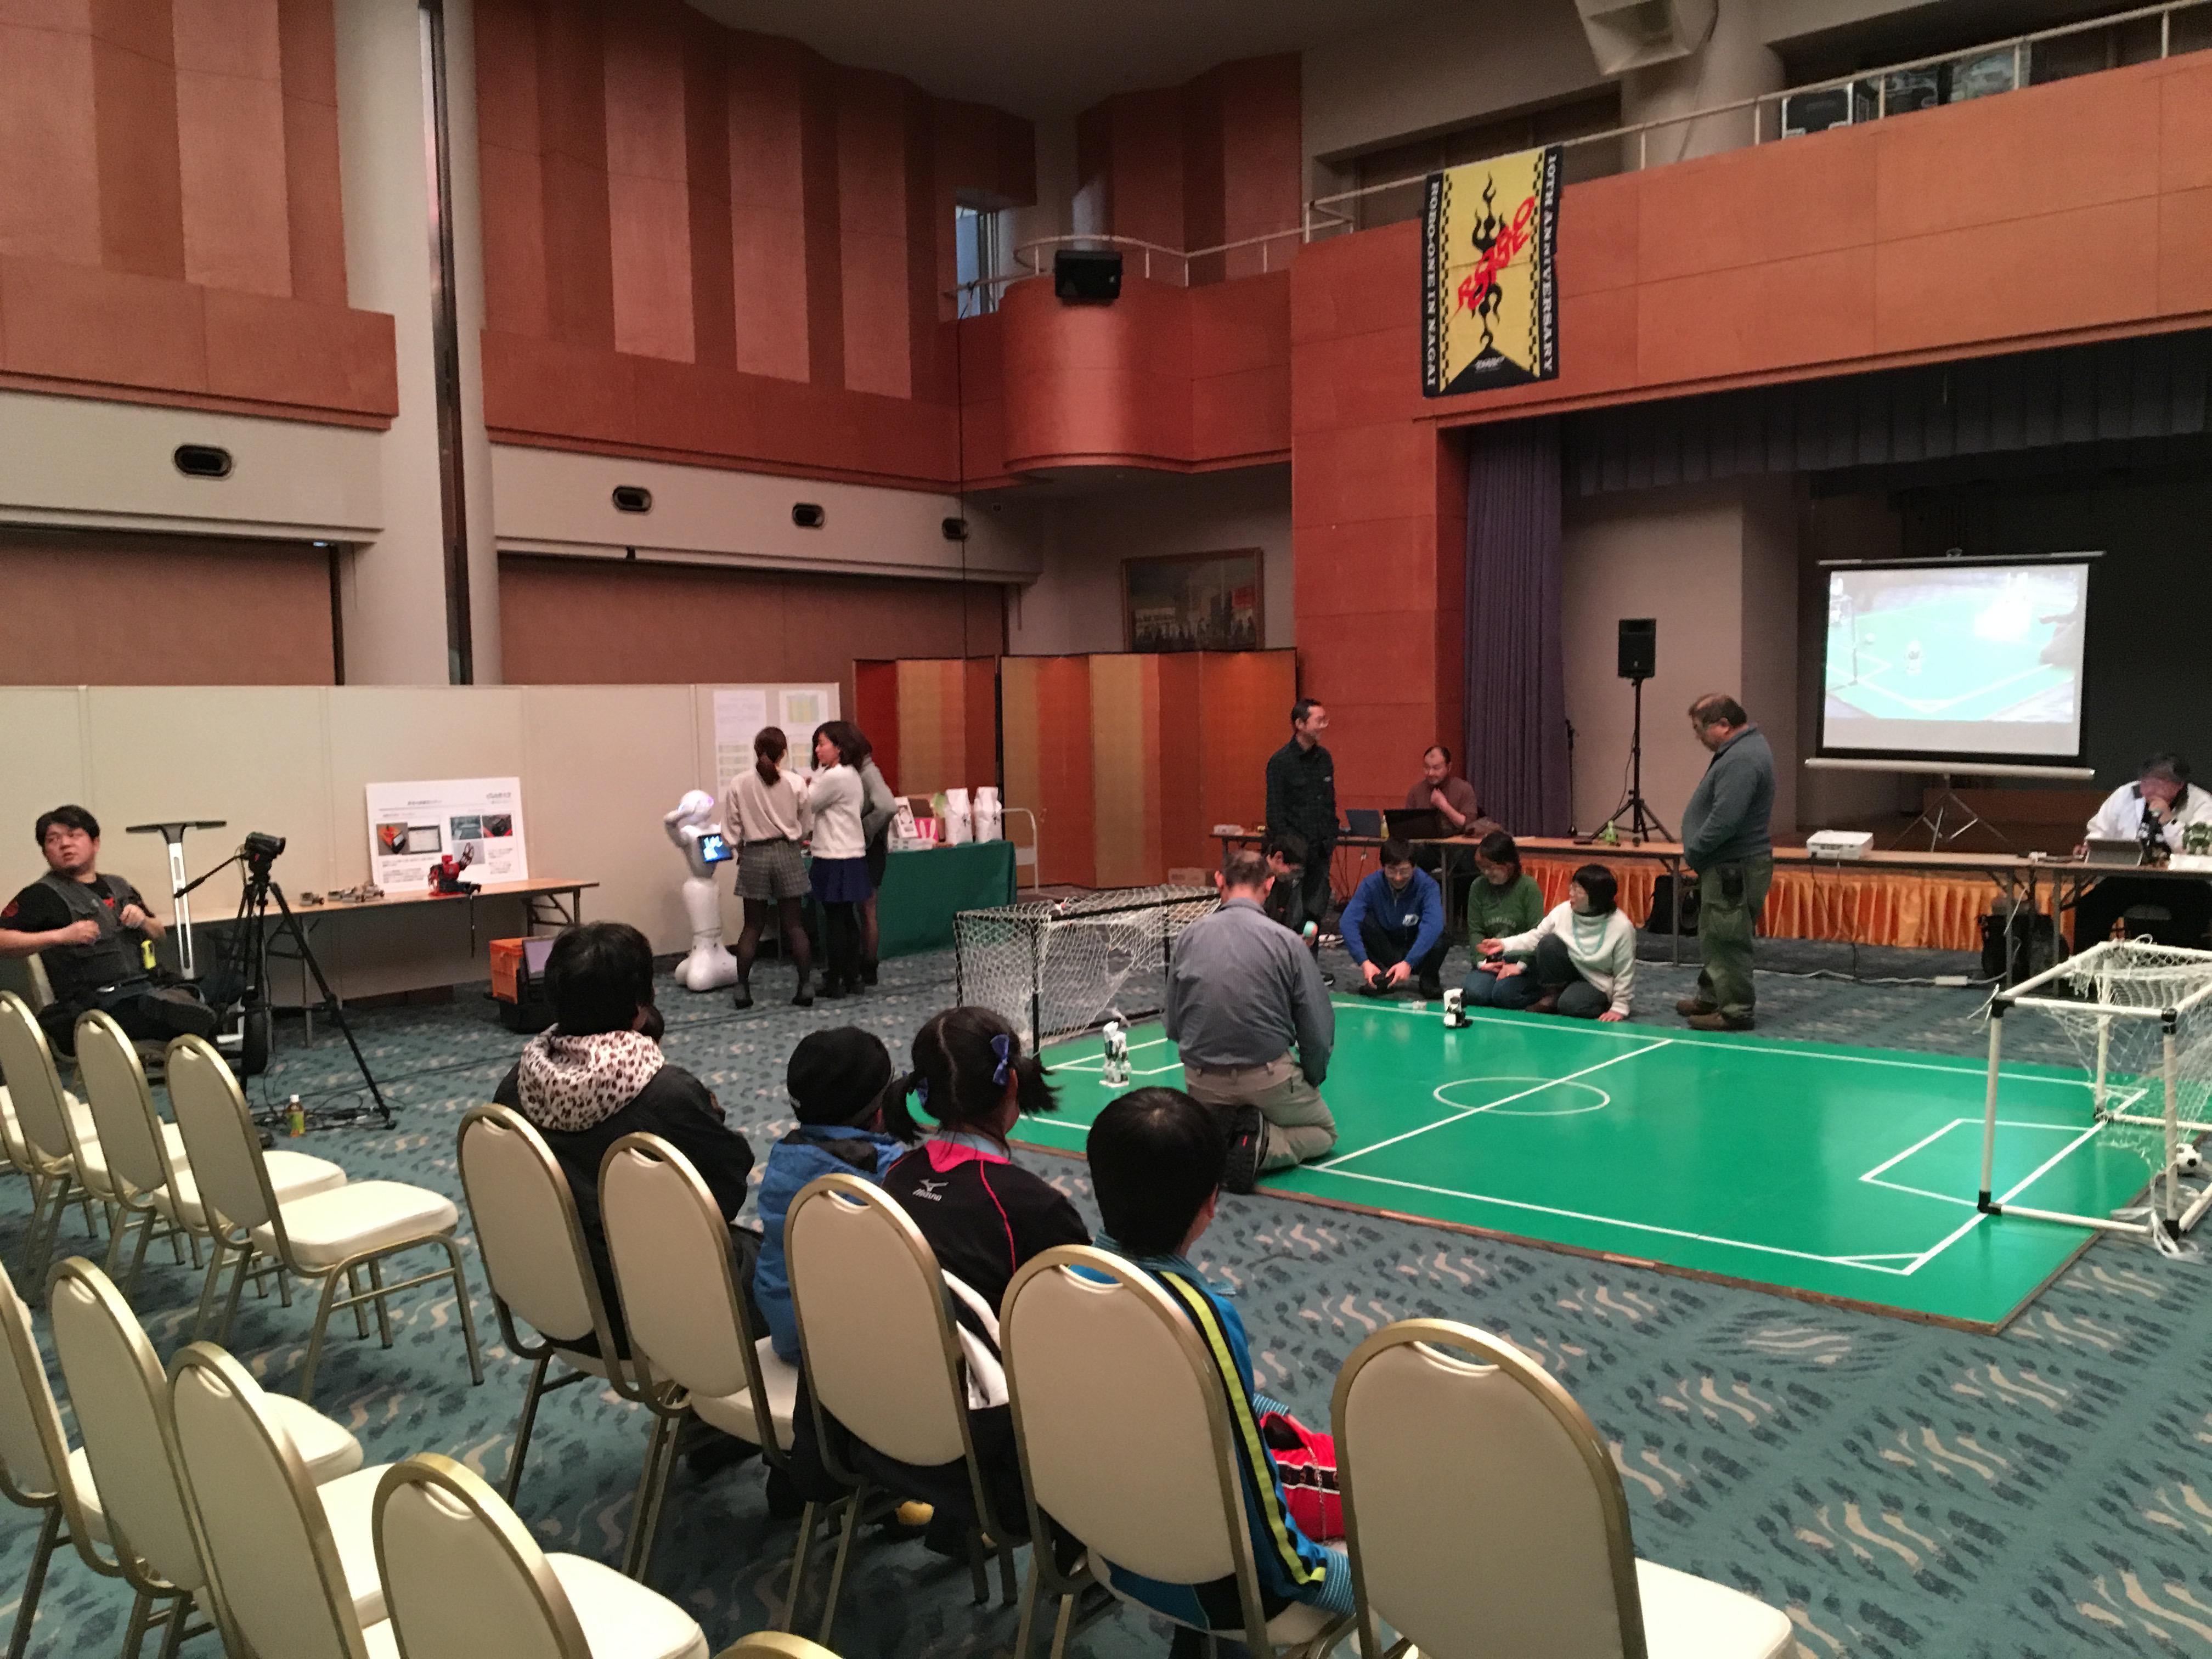 2017.2.4長井市の雪灯り回廊タス会場はまもなくスタート^ ^